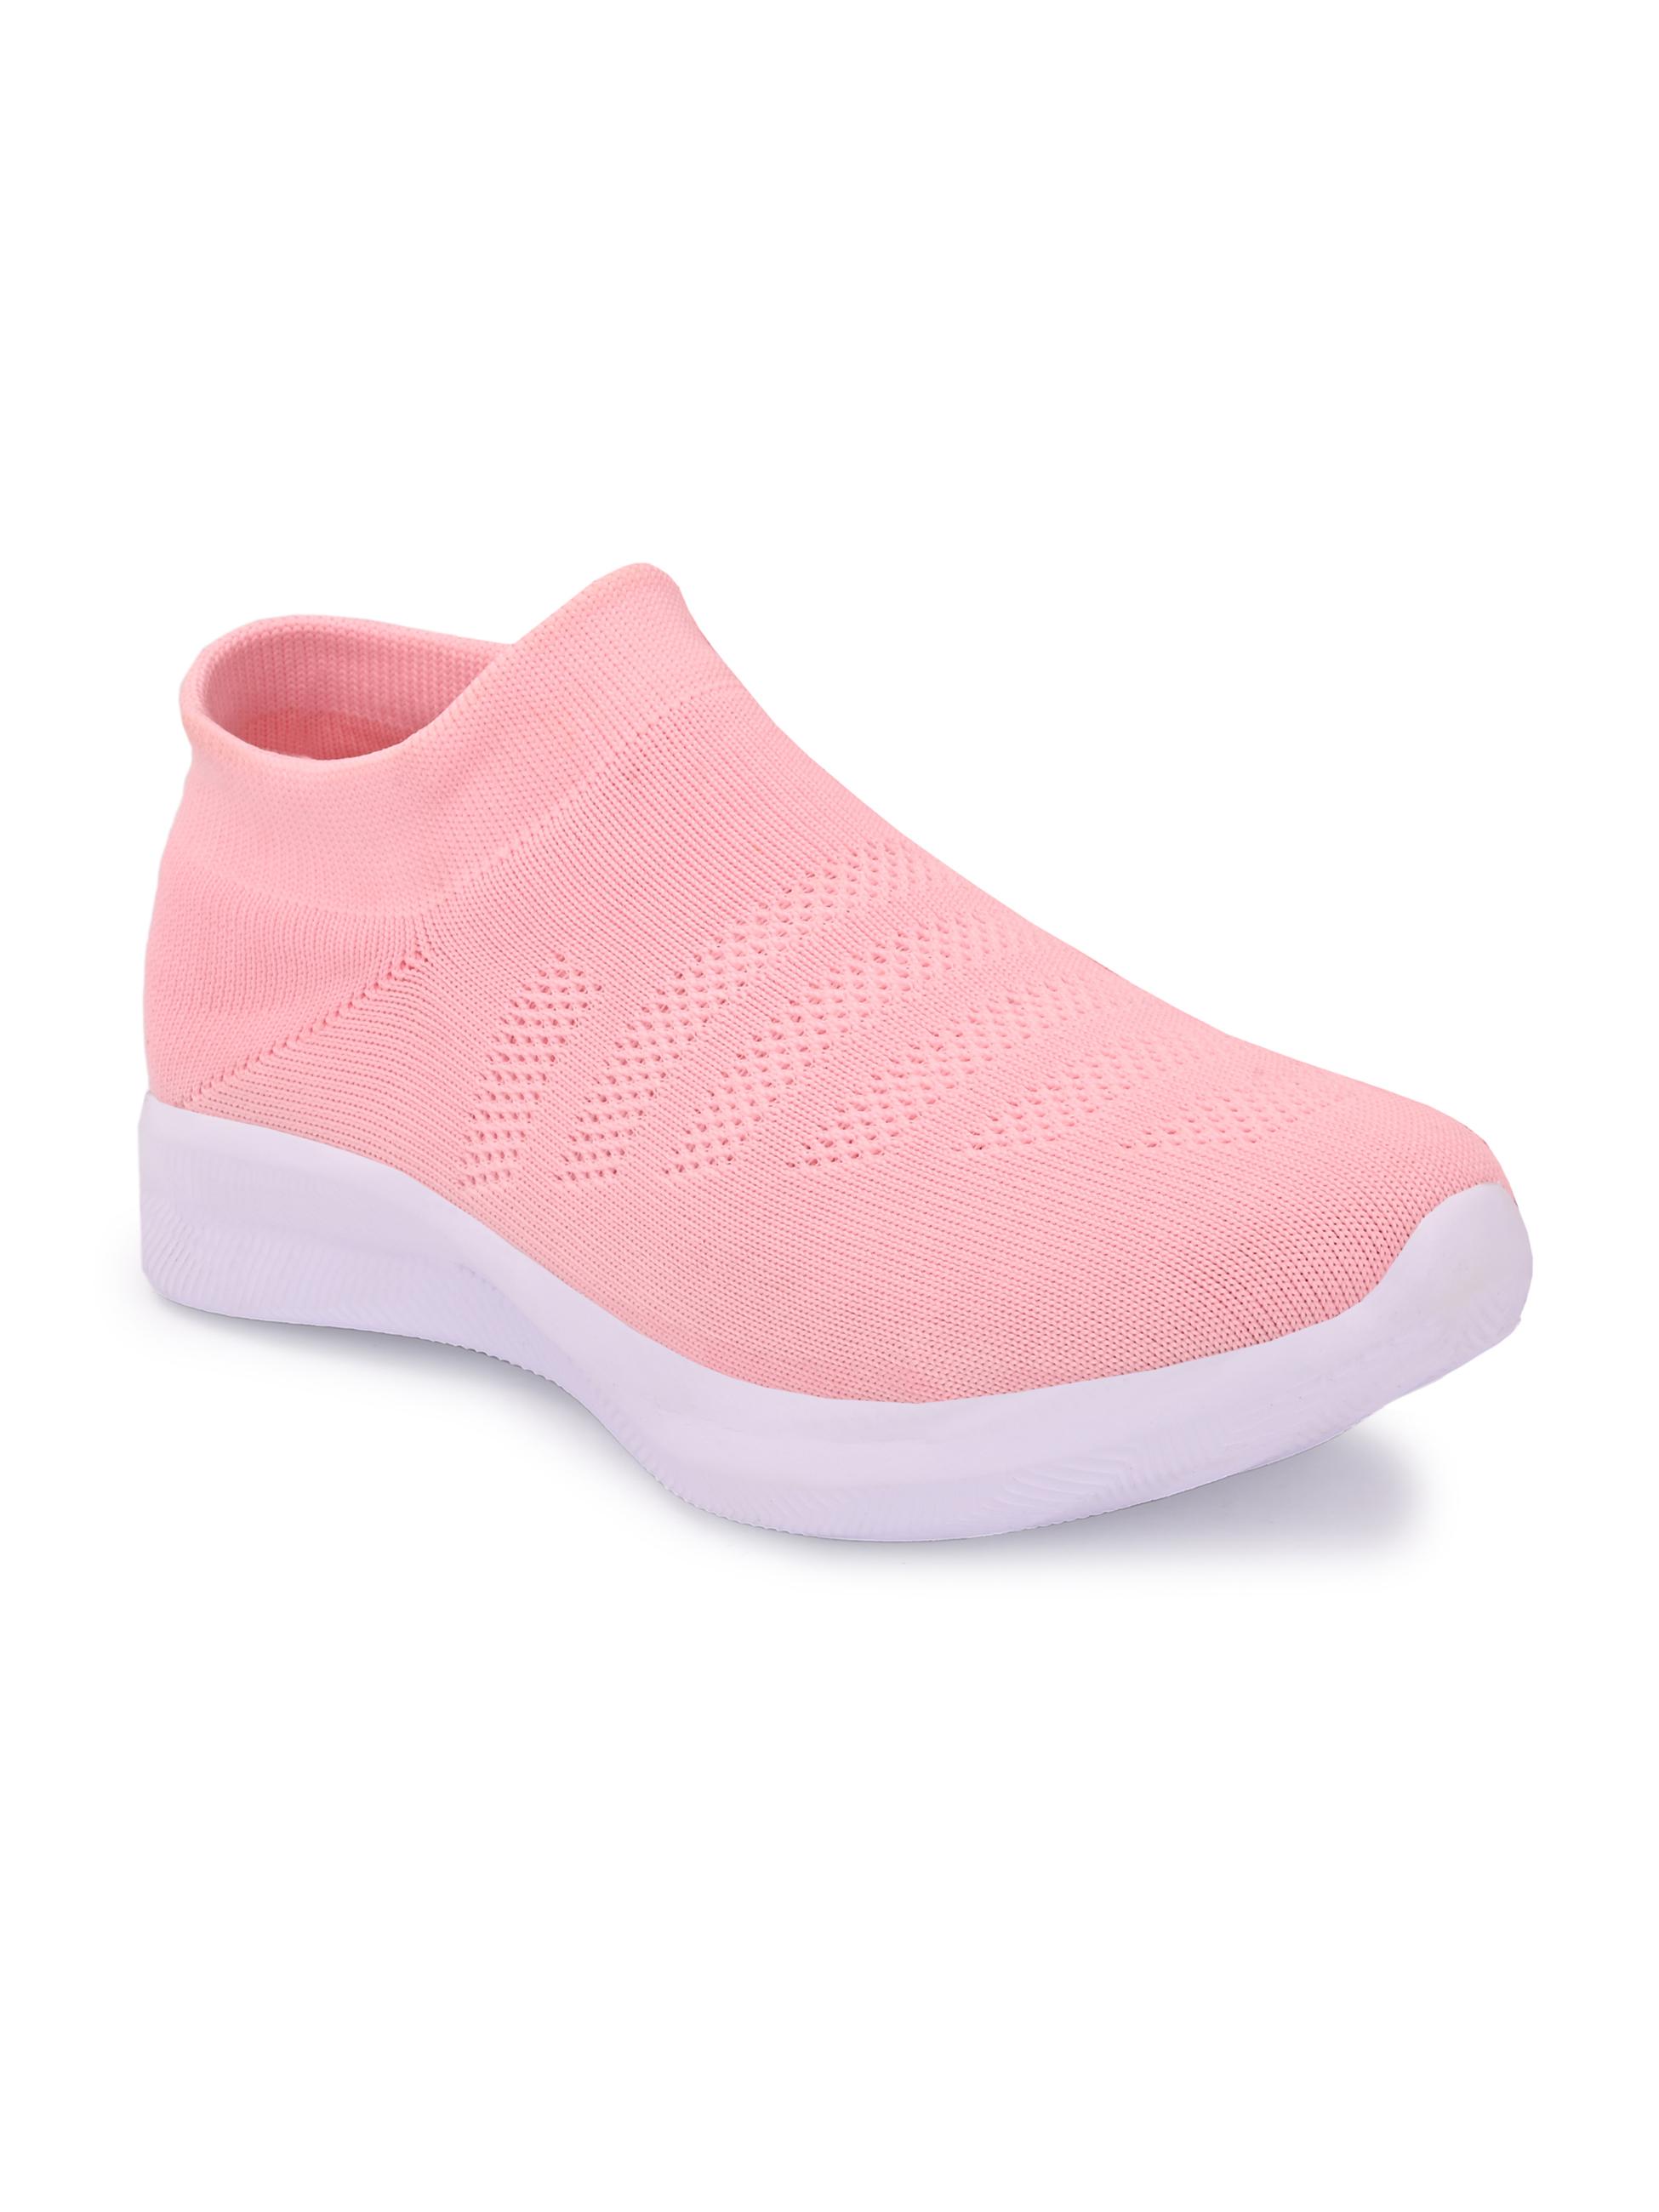 REFORCE | REFORCE Slip On Sneakesrs For Women